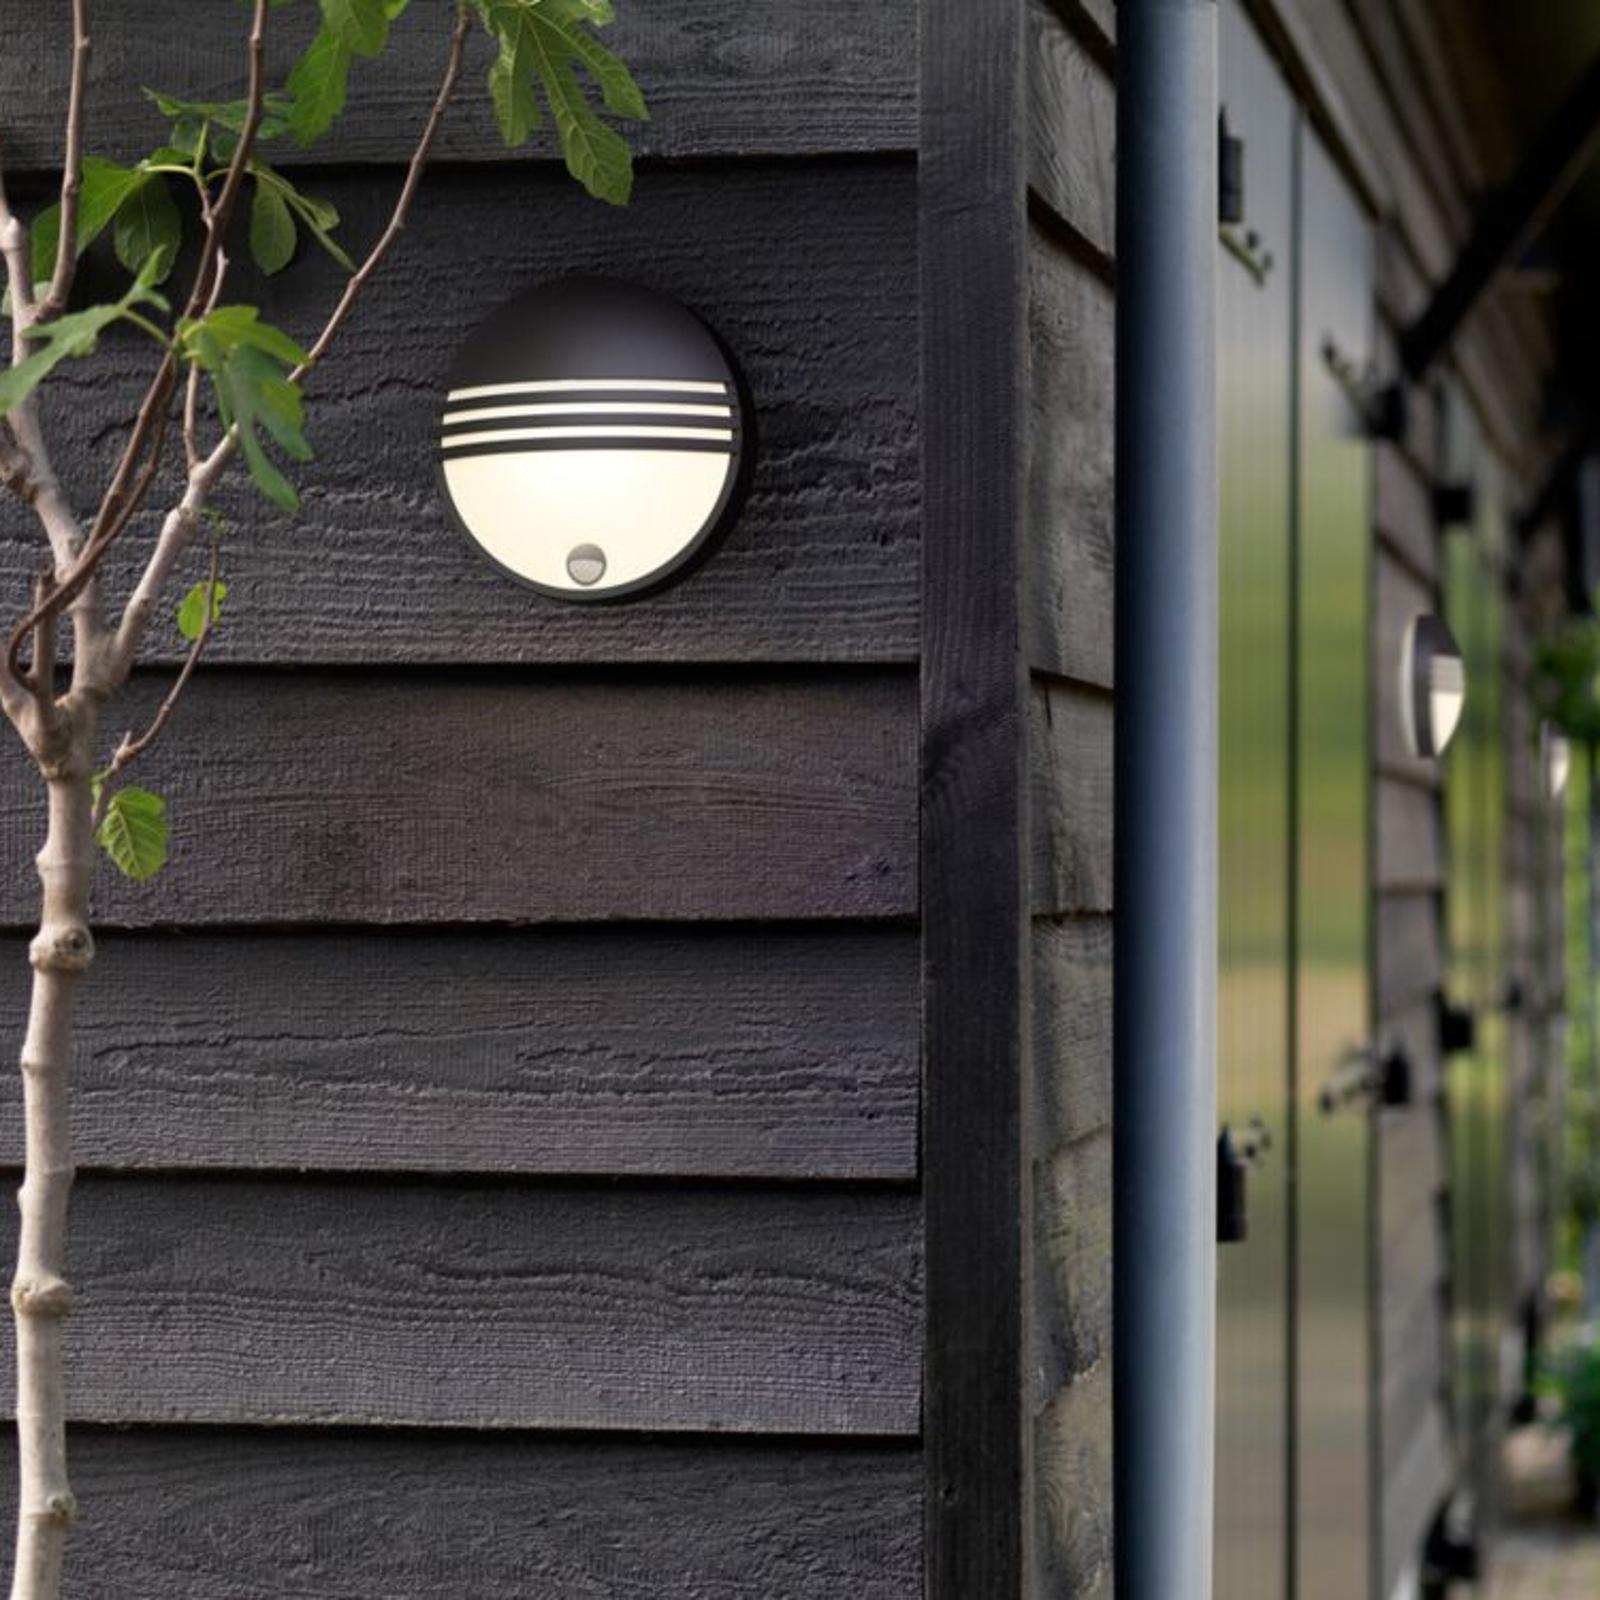 Philips Yarrow LED utevegglys med sensor | Lampegiganten.no